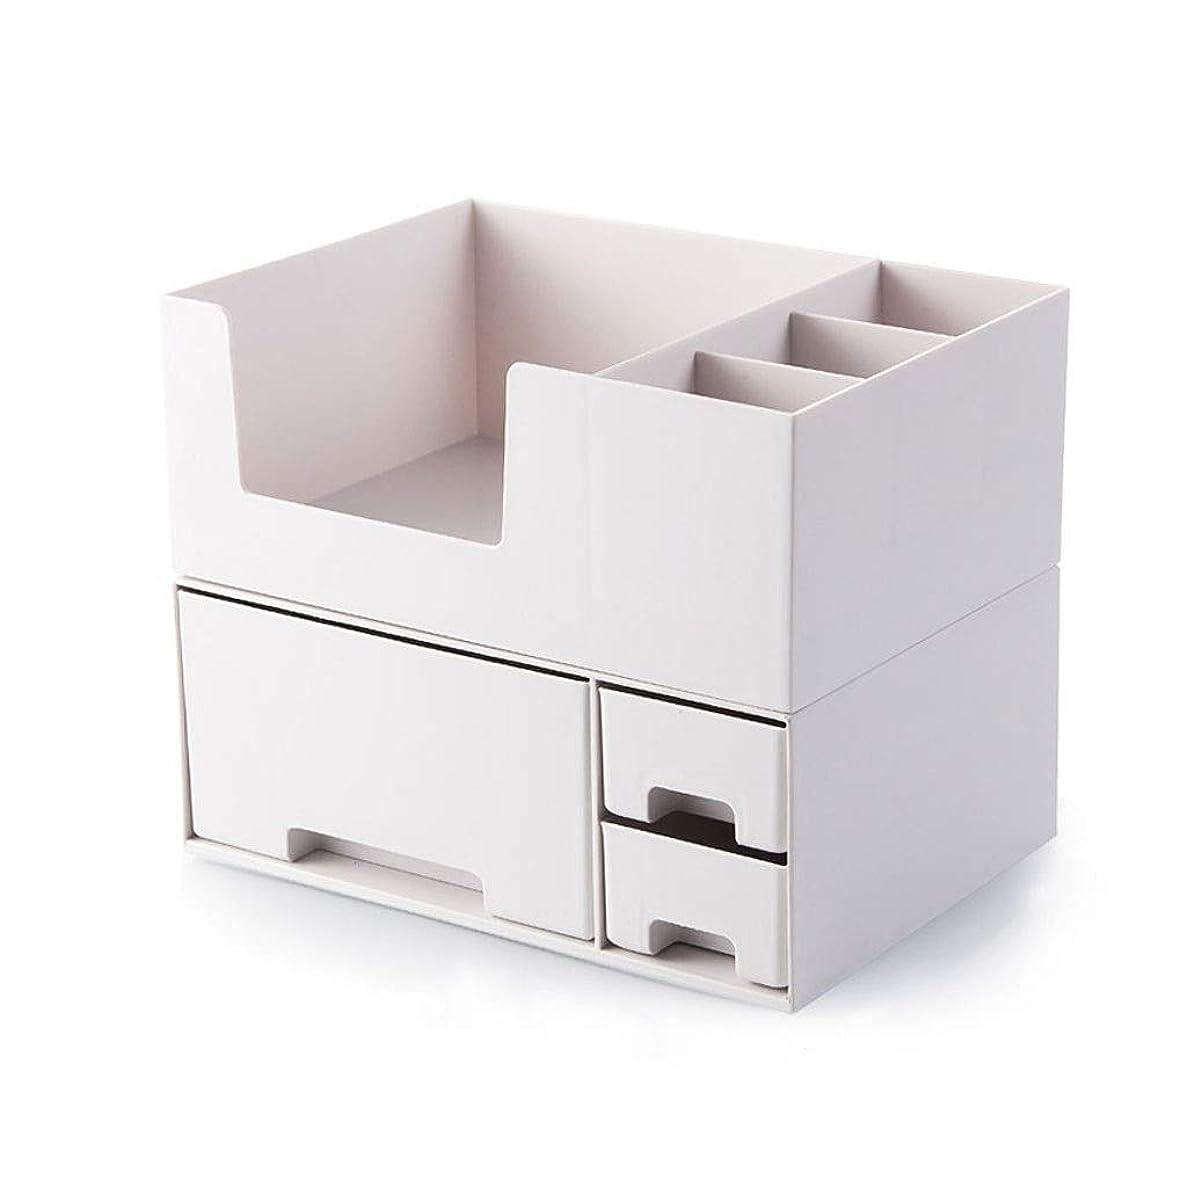 ノイズ起点眉LDG メイクケース 多機能 3引き出し プラスチック アクセサリ スキンケア用品 化粧品収納ボックス (色 : B)